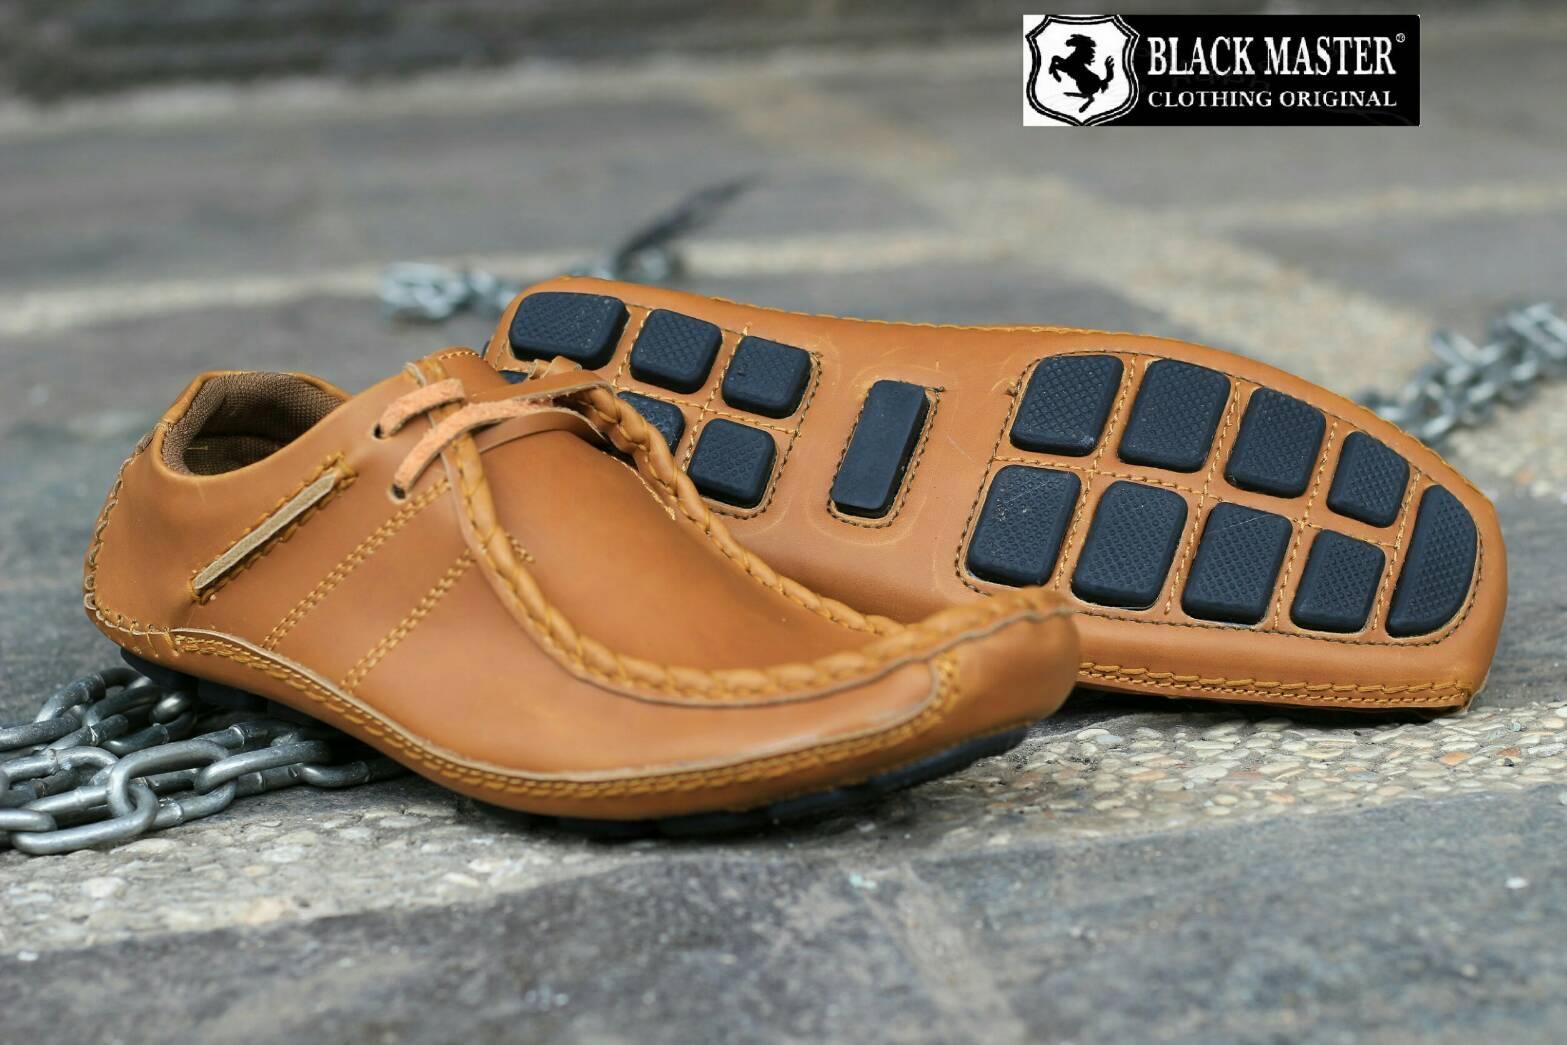 sepatu kulit pria casual semi formal pansus black master predator original a3fbaf3a13